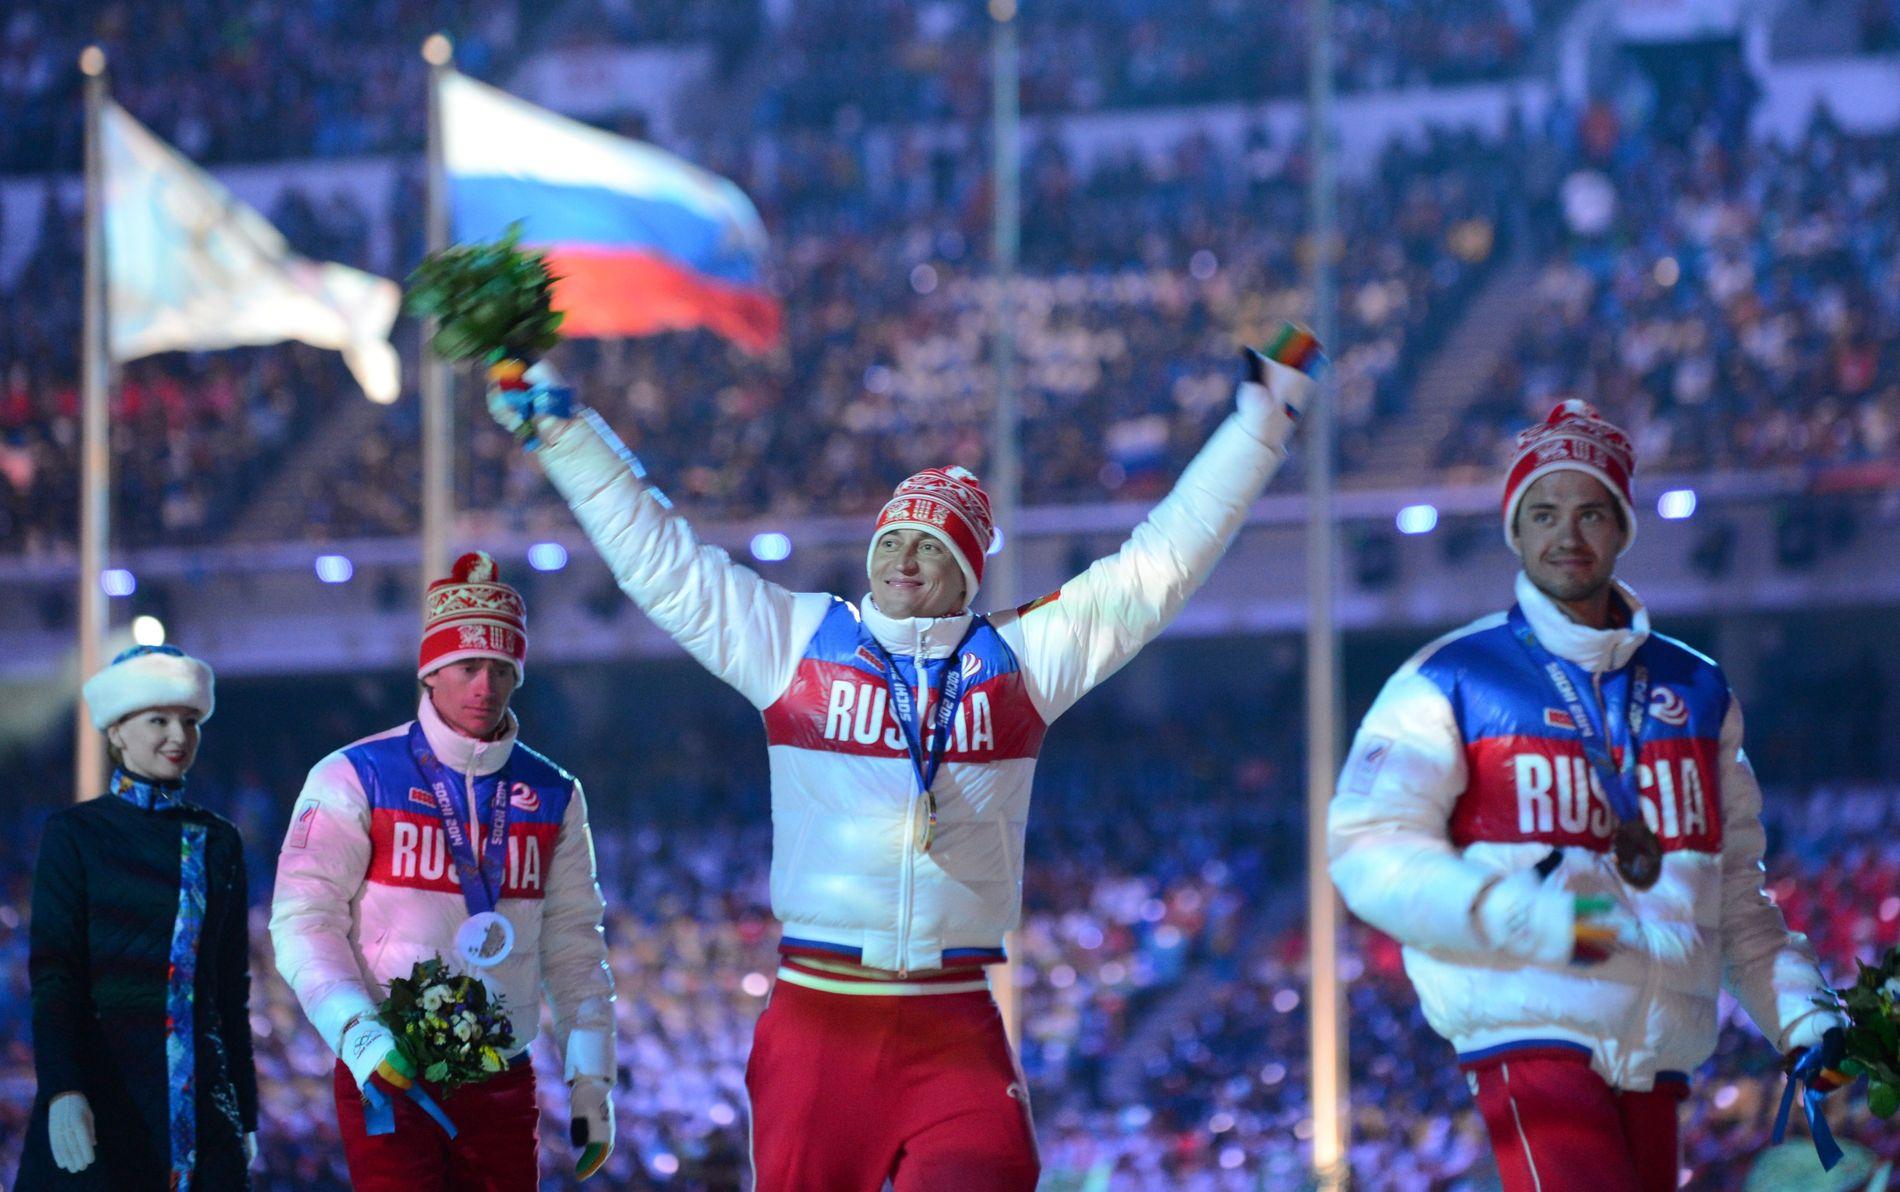 DETTE GULLET MISTER HAN: Alexander Legkov «vant» femmila under OL i Sotsji i 2014. Den medaljen er han nå bedt om å sende tilbake til IOC i posten.